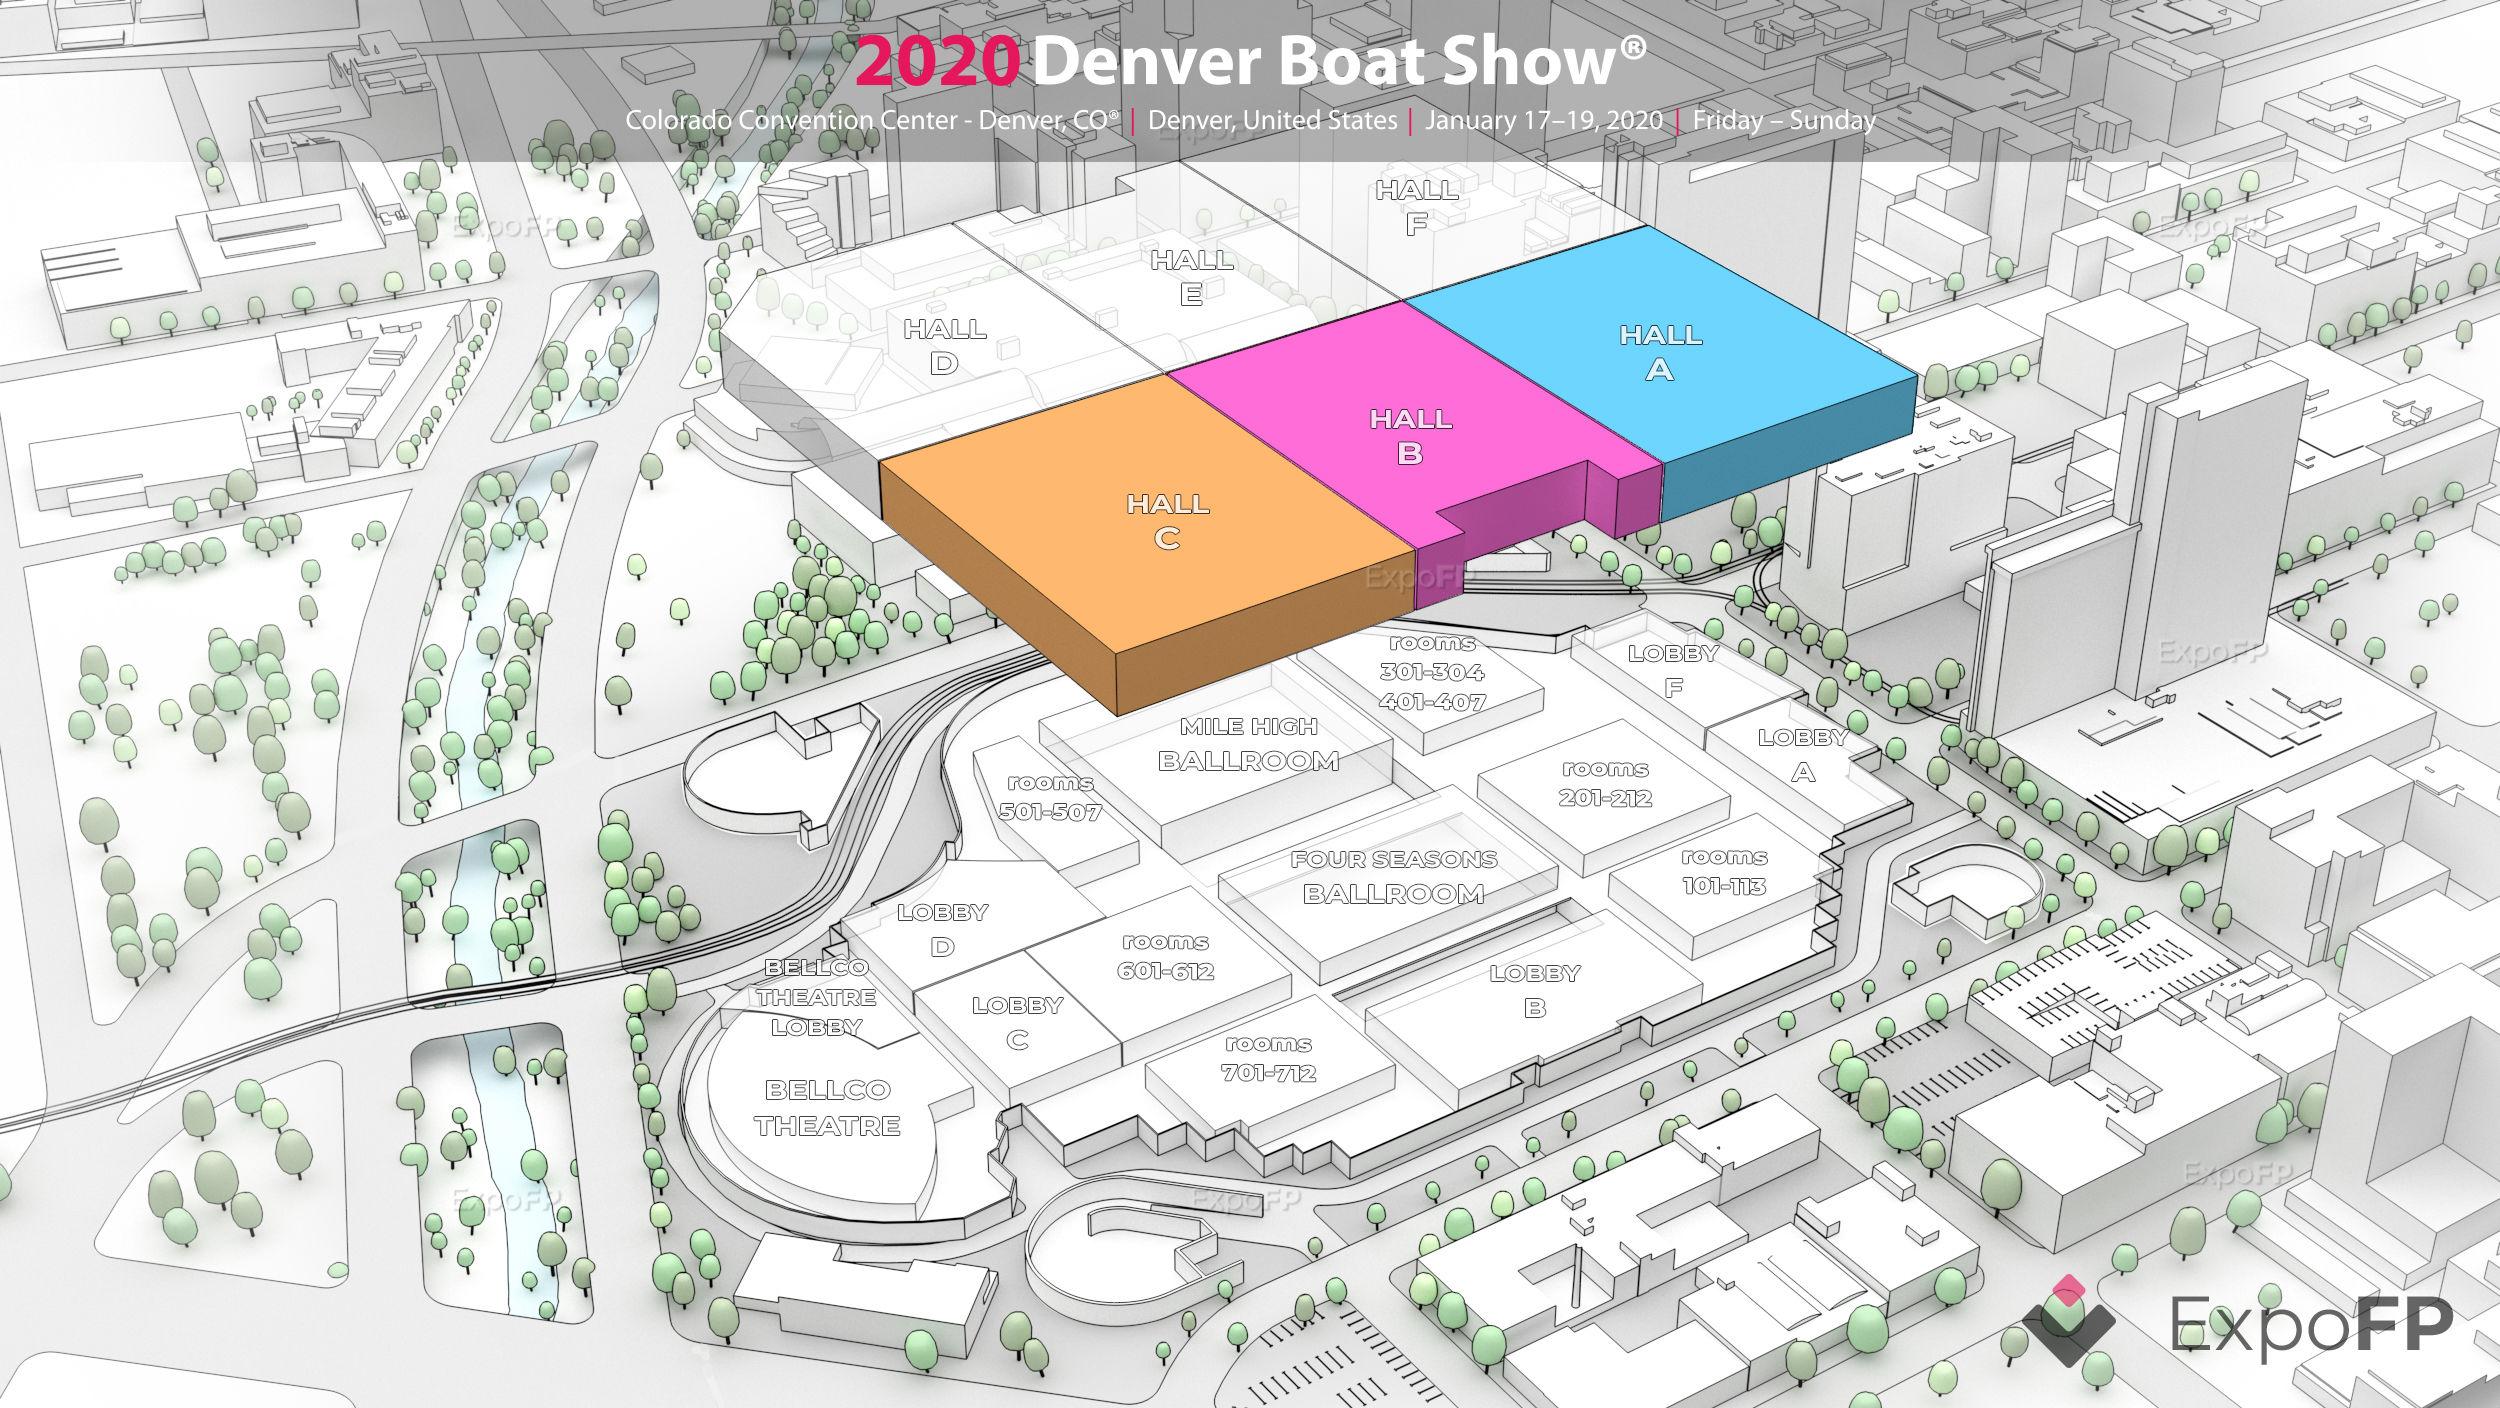 Denver Rv Show 2020.Denver Boat Show 2020 In Colorado Convention Center